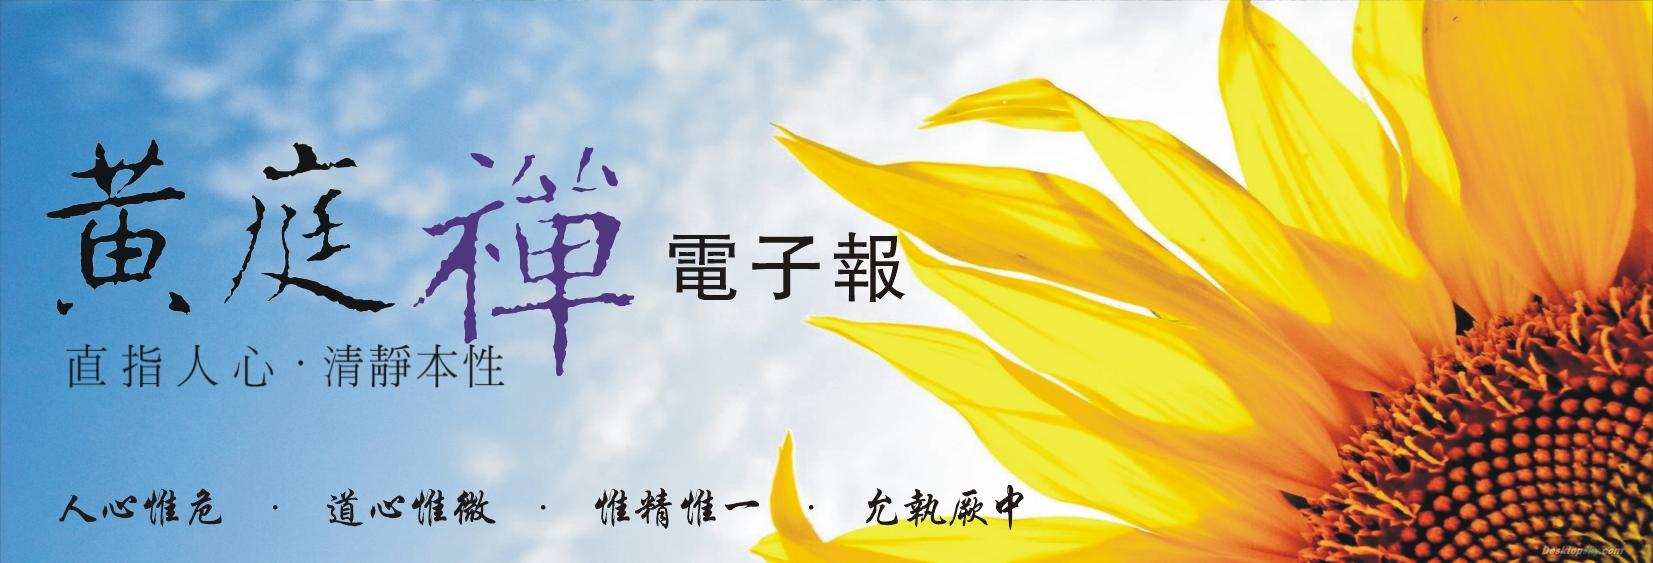 中華黃庭禪學會2020.09.01電子報